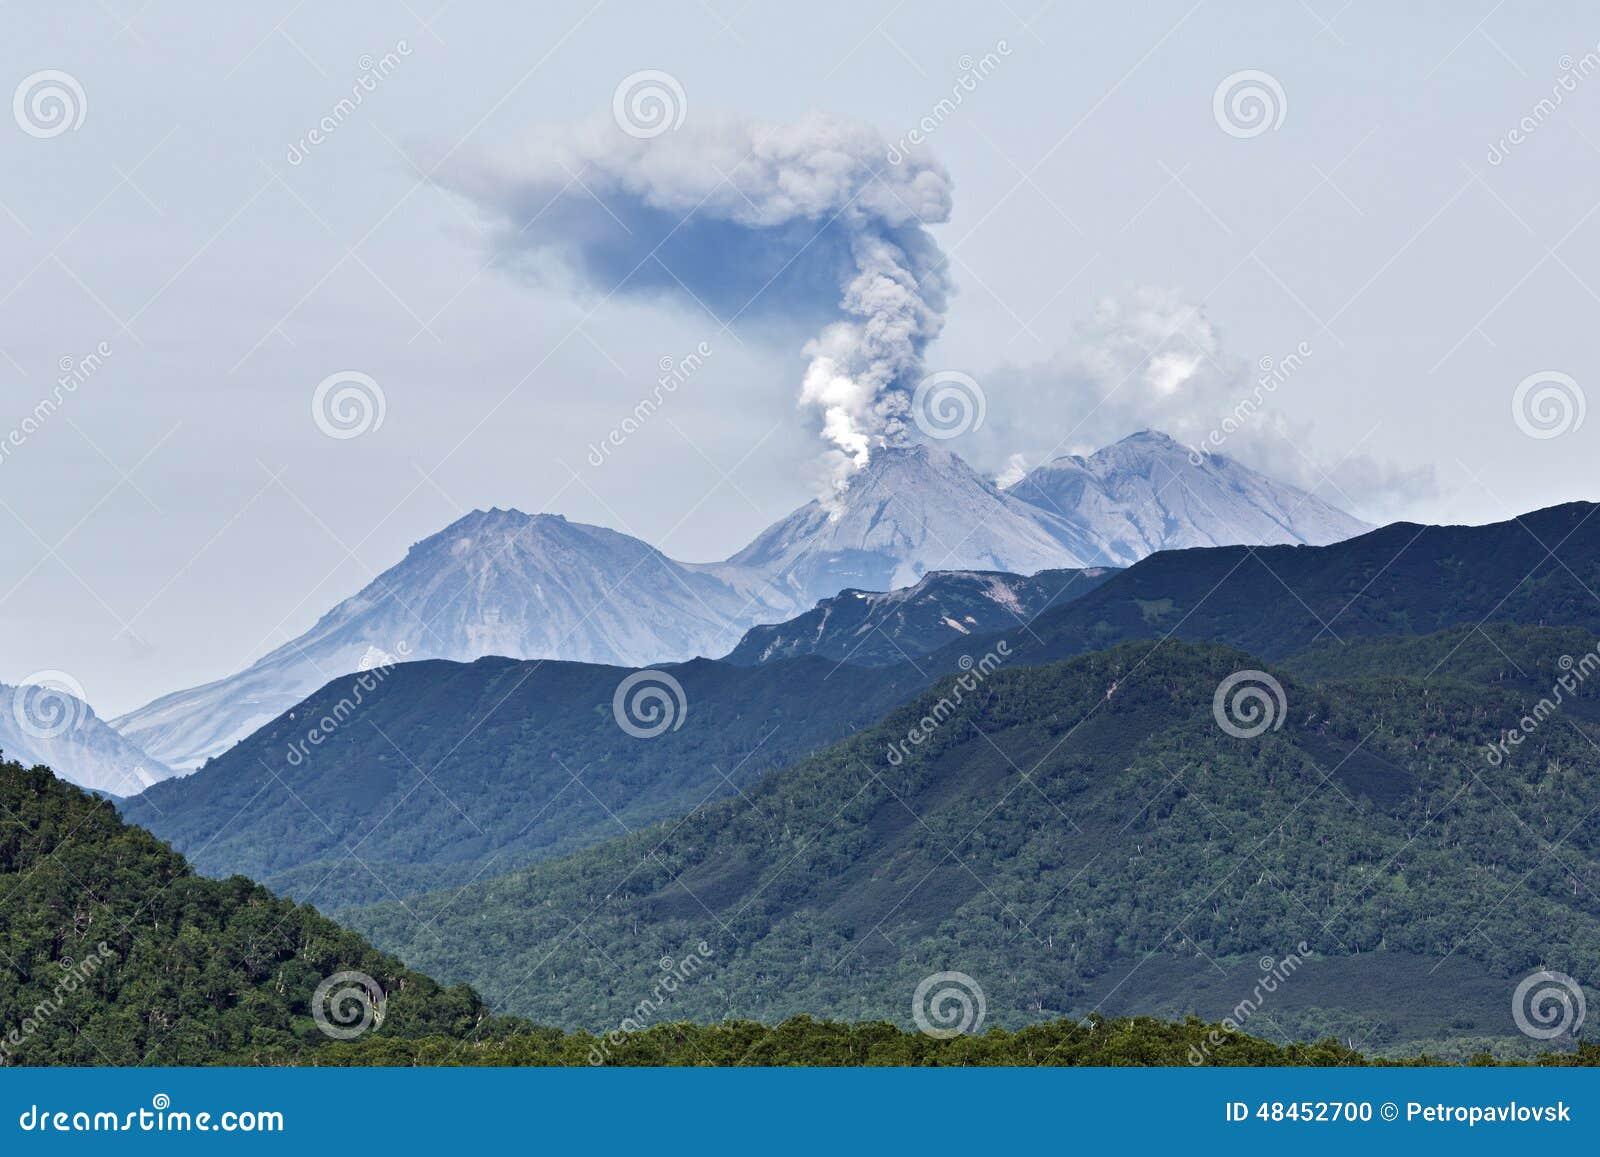 Schoonheids vulkanisch landschap: uitbarstings actieve vulkaan